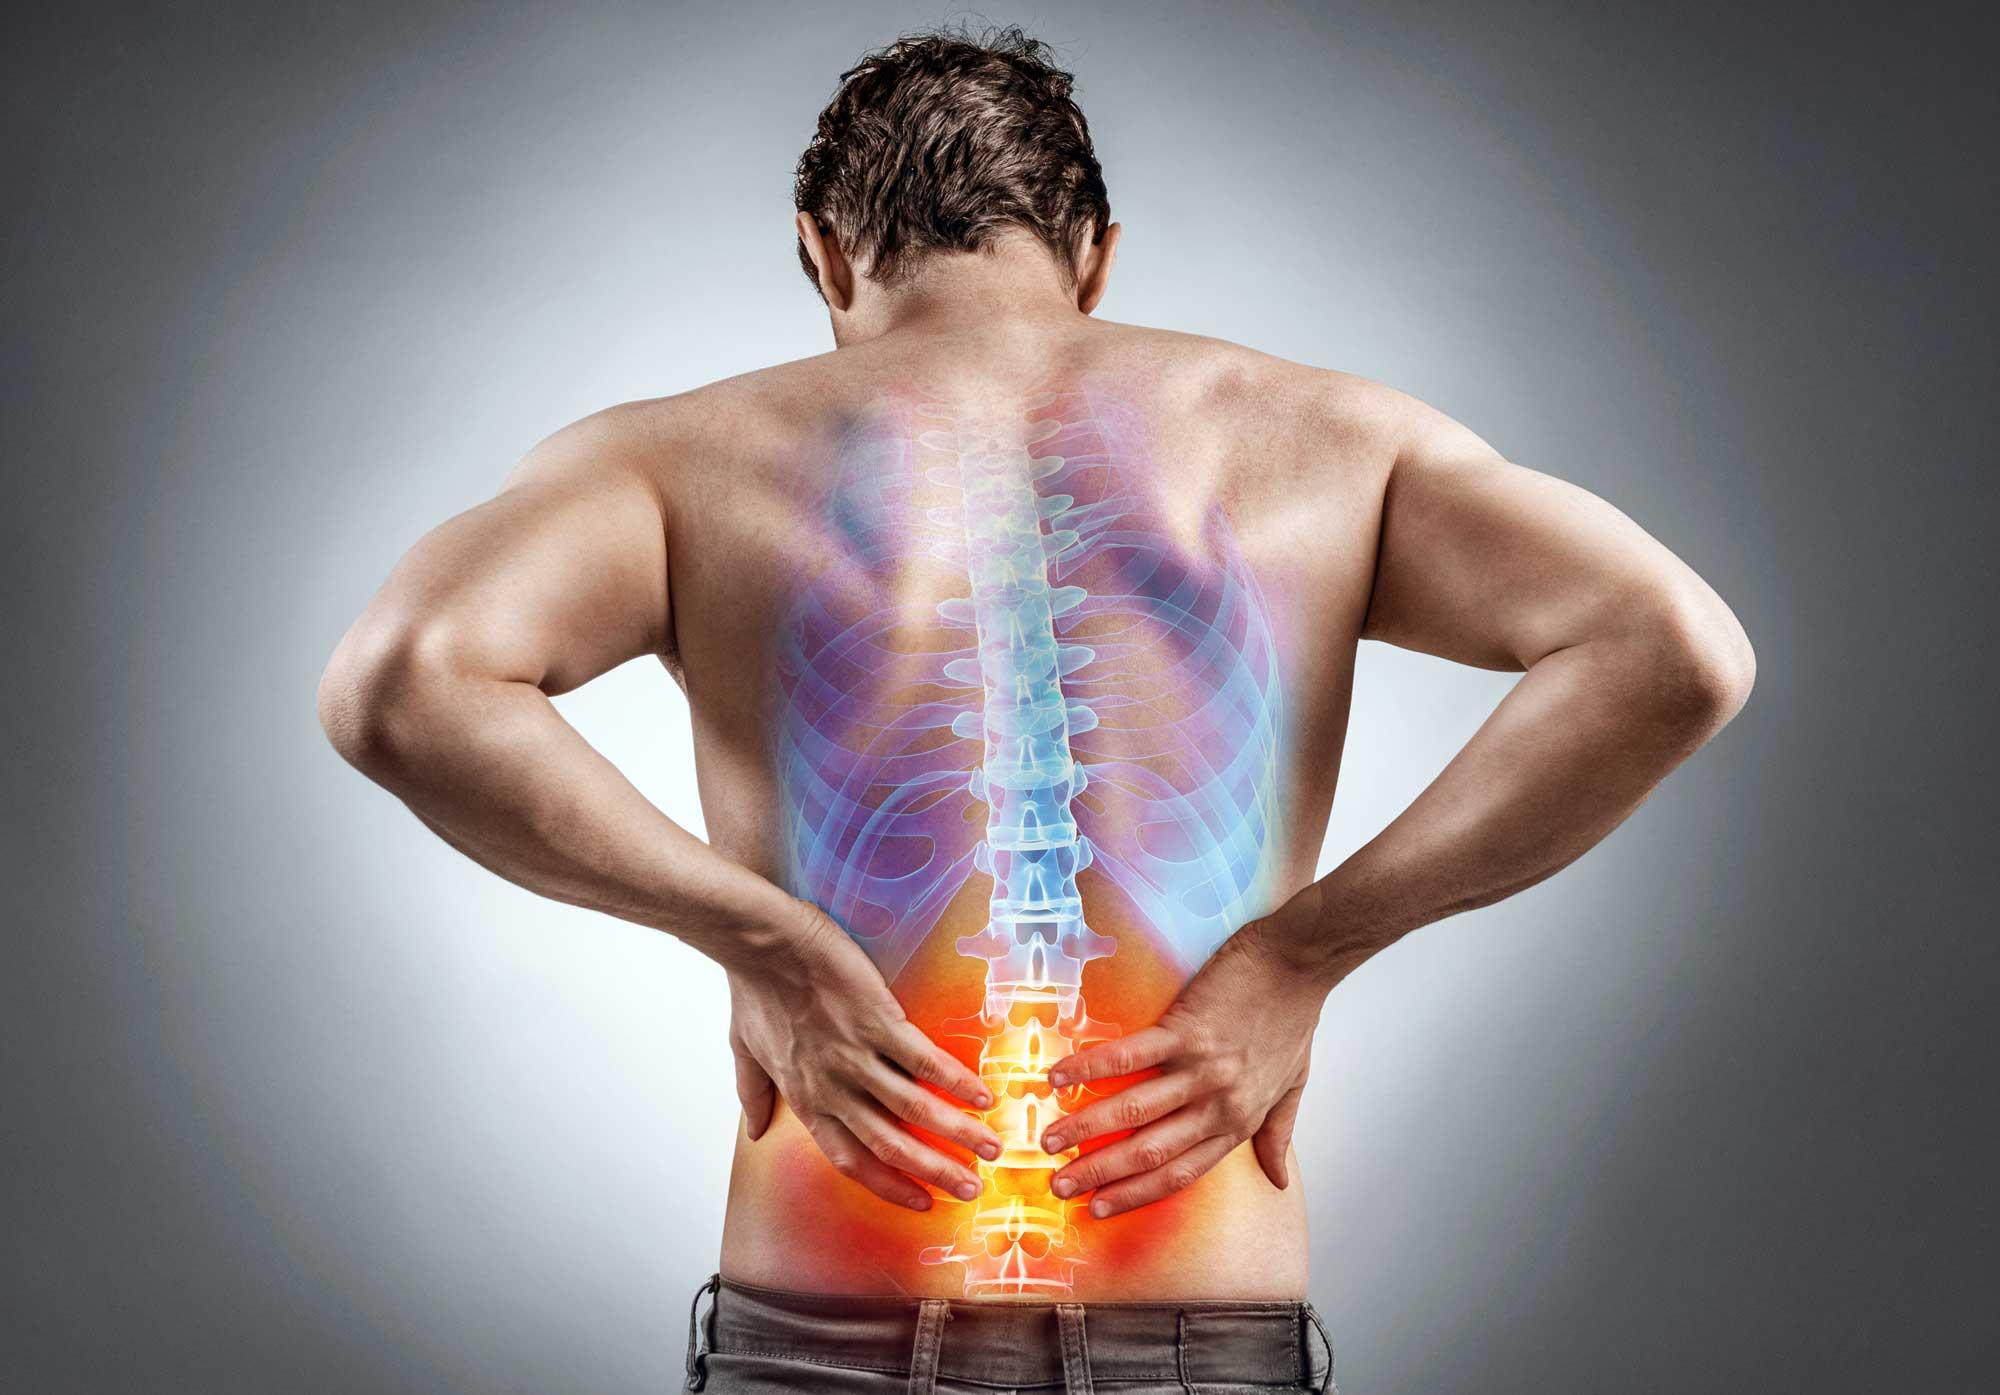 patologías de la columna vertebral